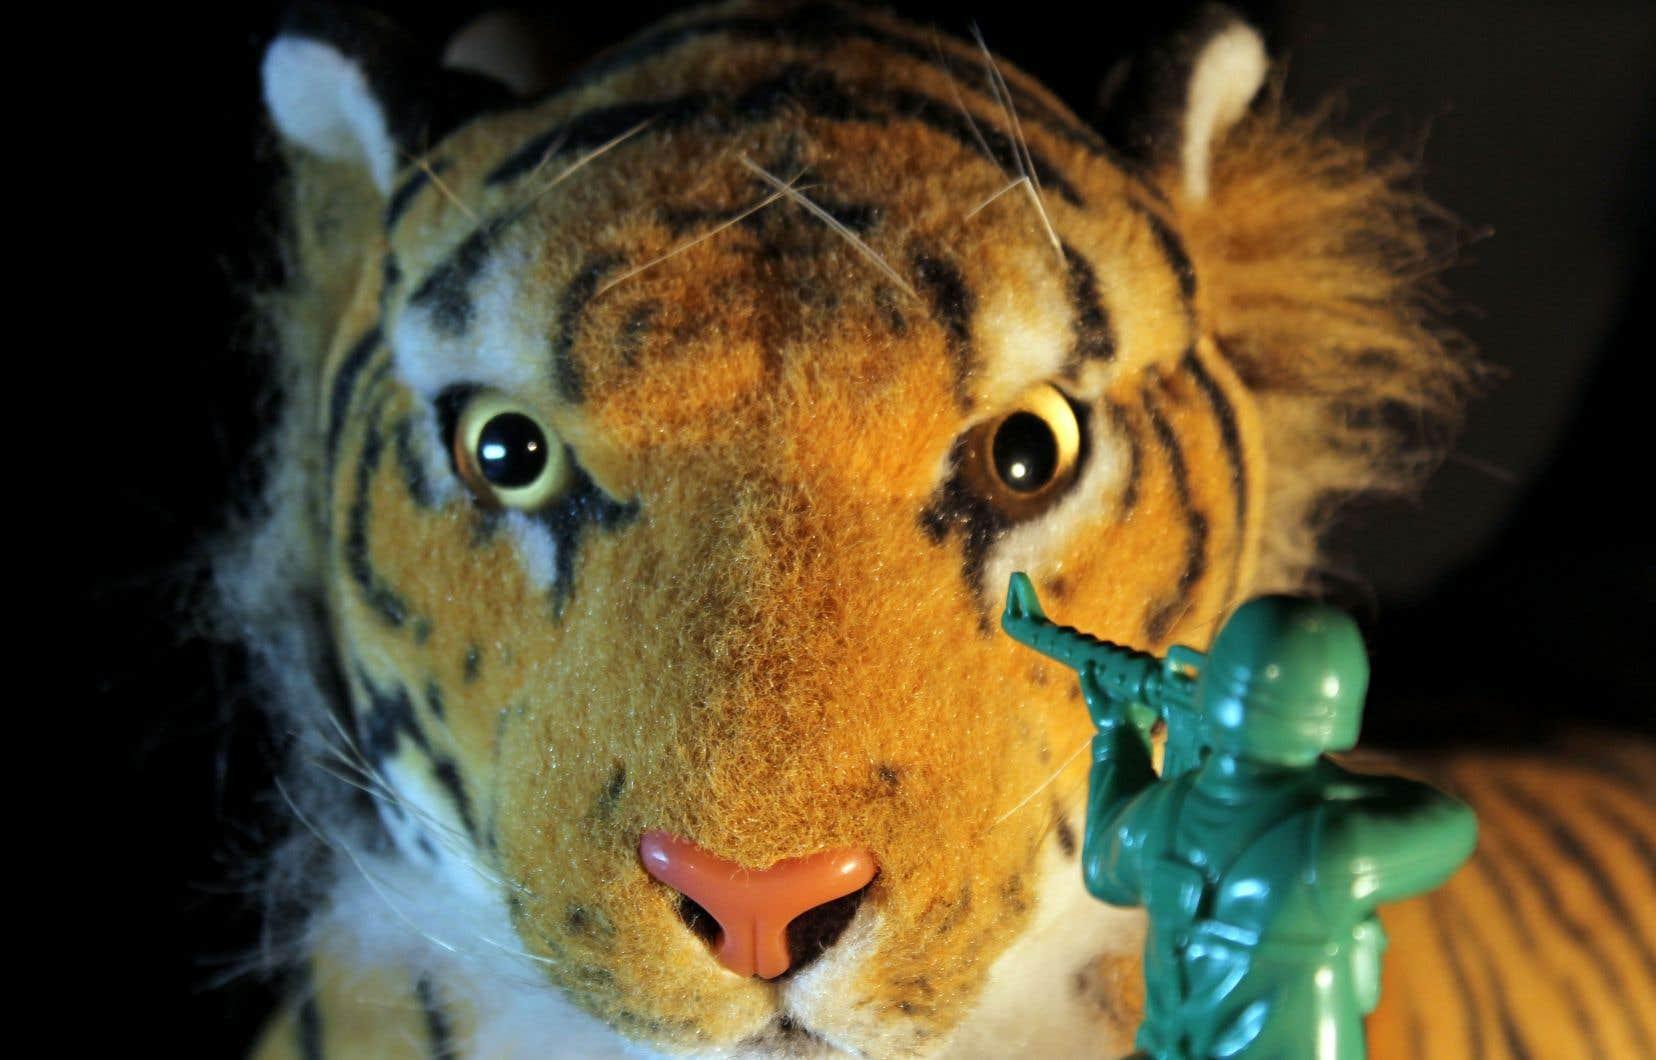 Des jouets constituent les personnages: un tigre en peluche et diverses versions de soldats jouets composent l'essentiel de la distribution qu'Ariel Doron anime joyeusement.